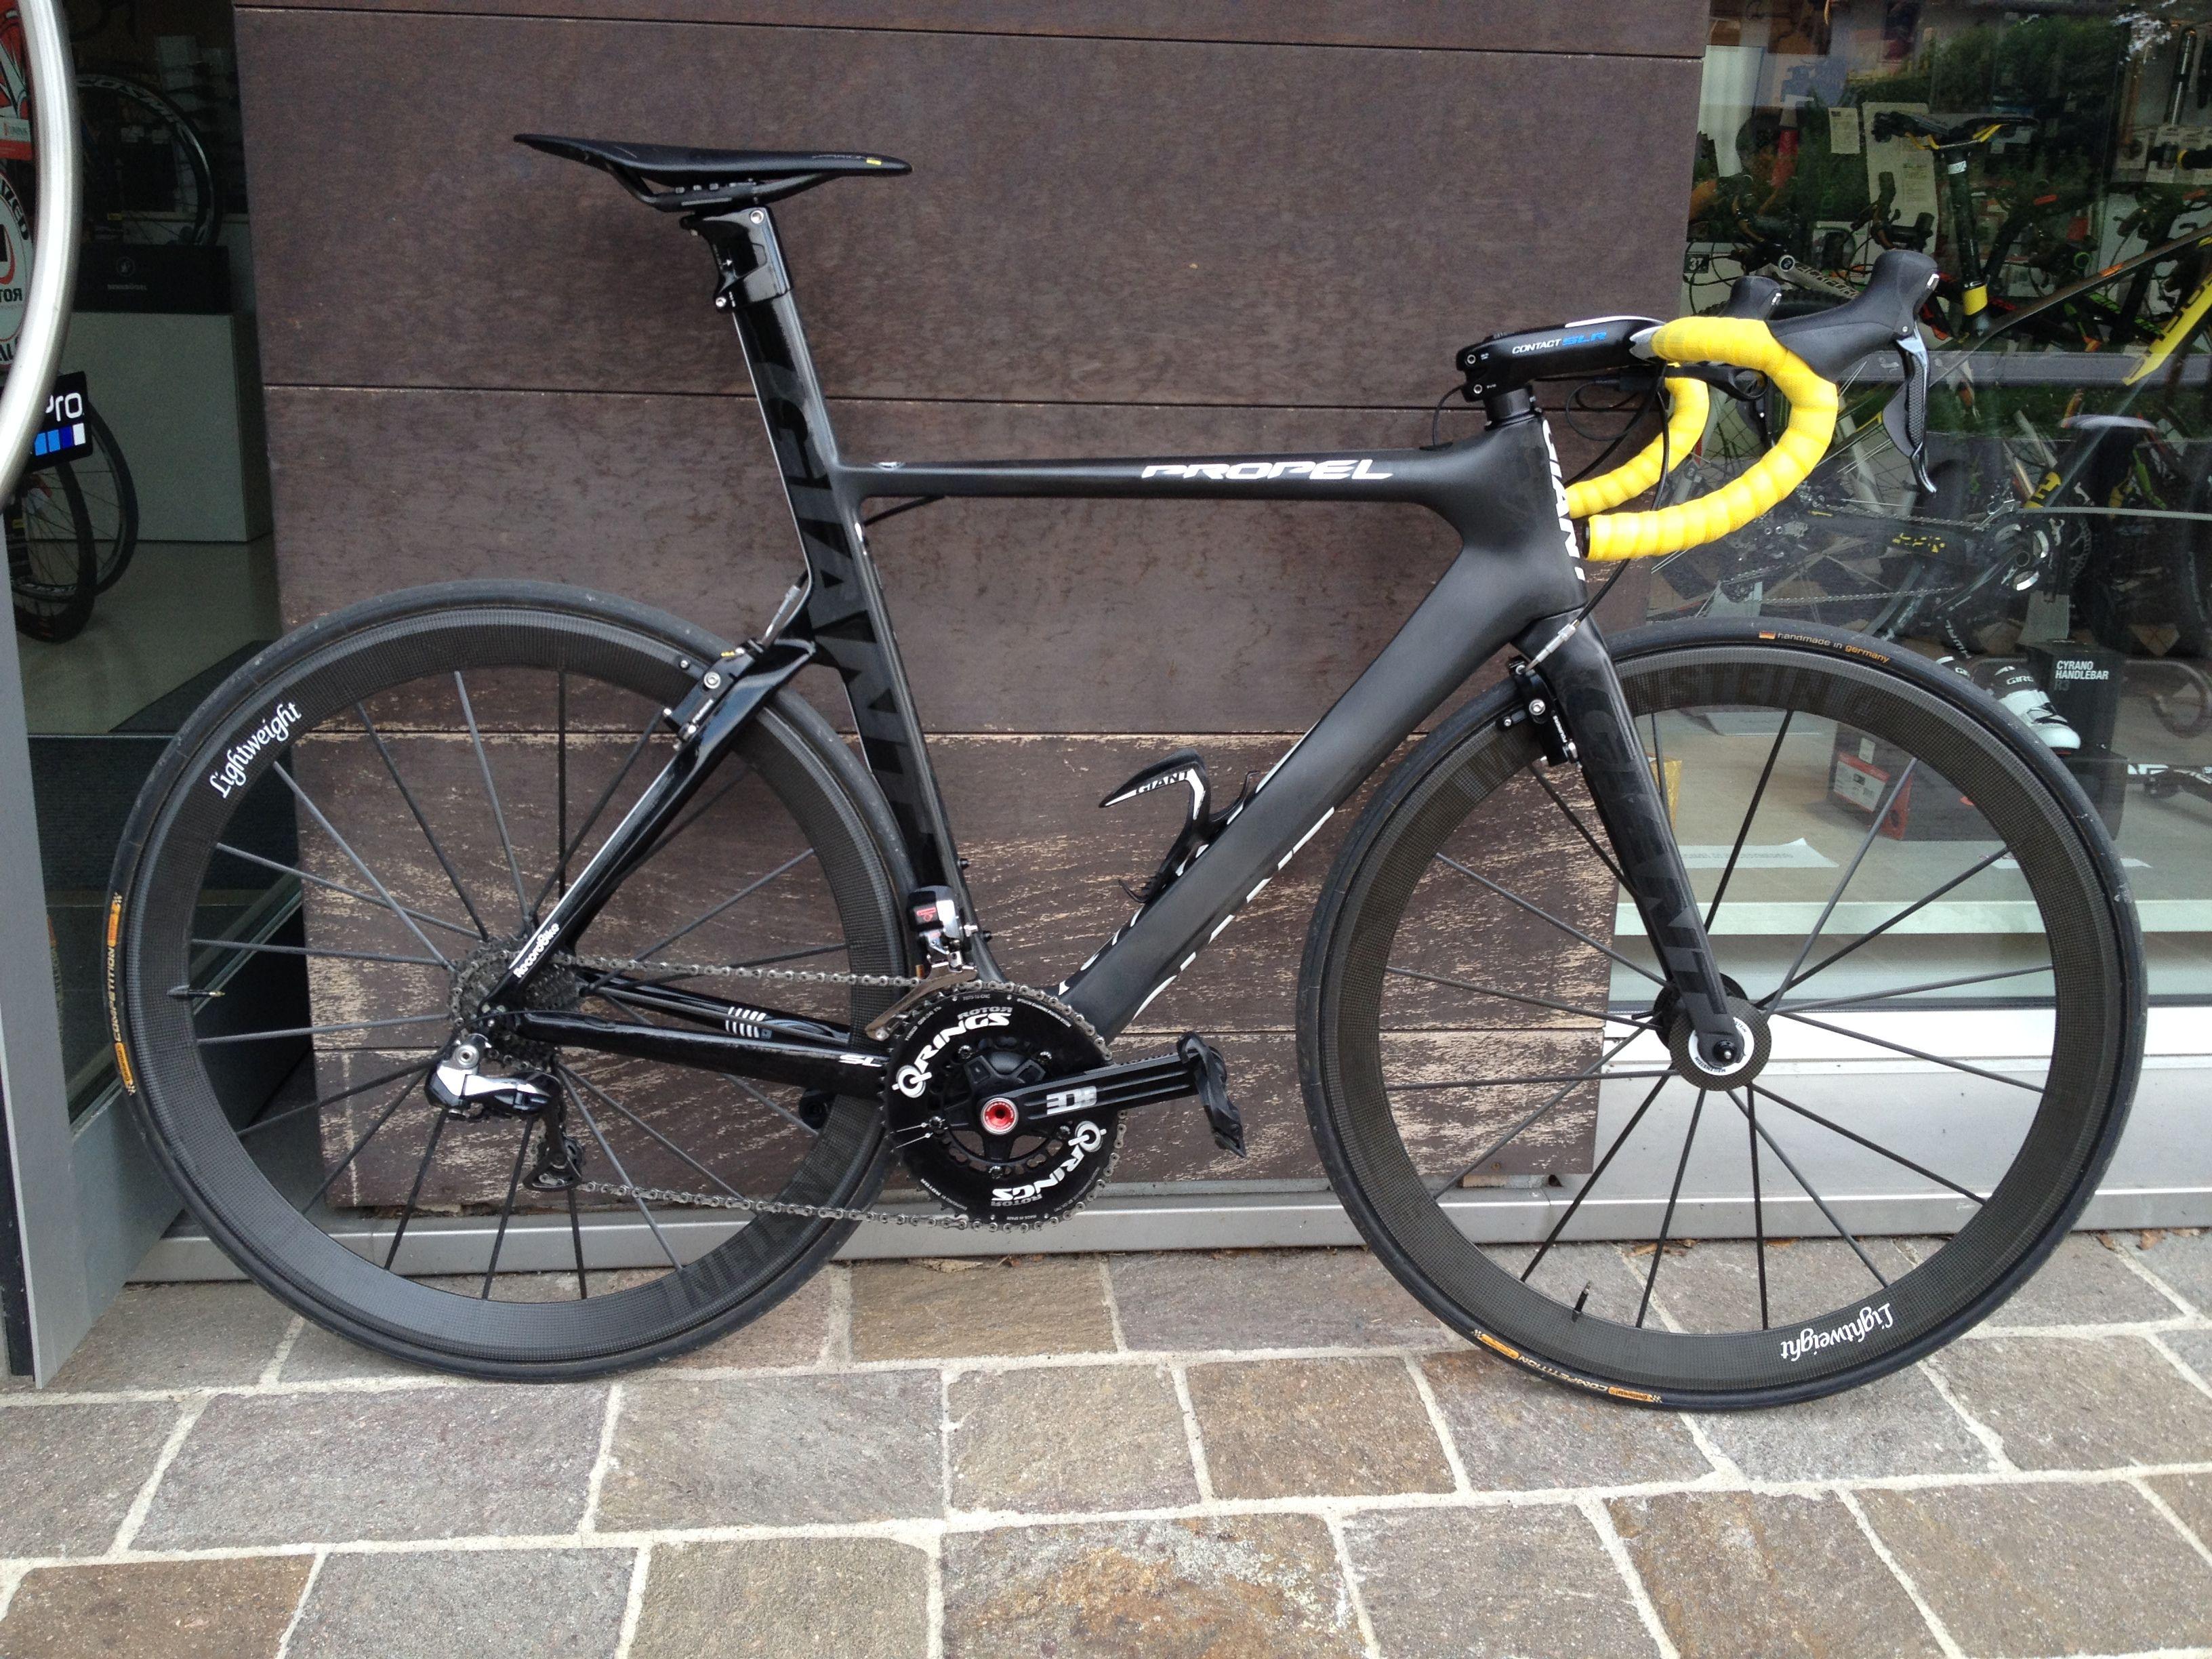 Giant Propel Black And Yellow Record Bike Malo Vicenza Road Racing Bike Road Bike Cycling Road Bike